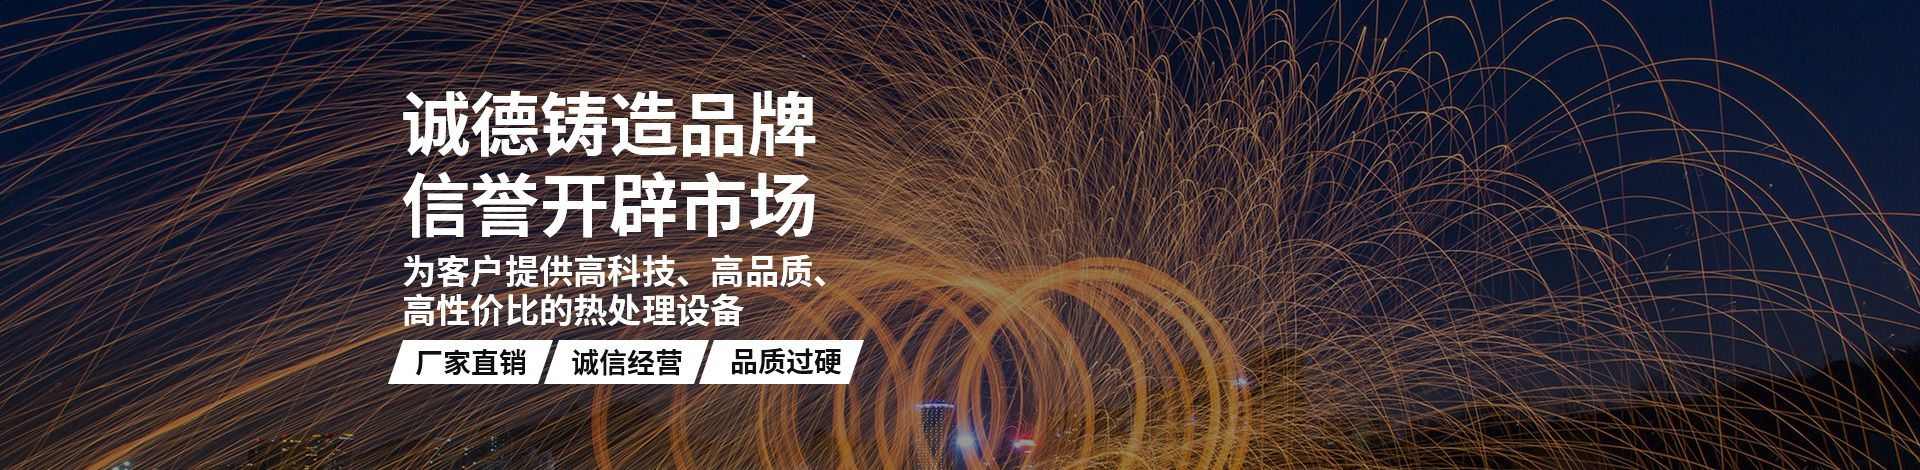 株洲远航工业炉科技有限公司